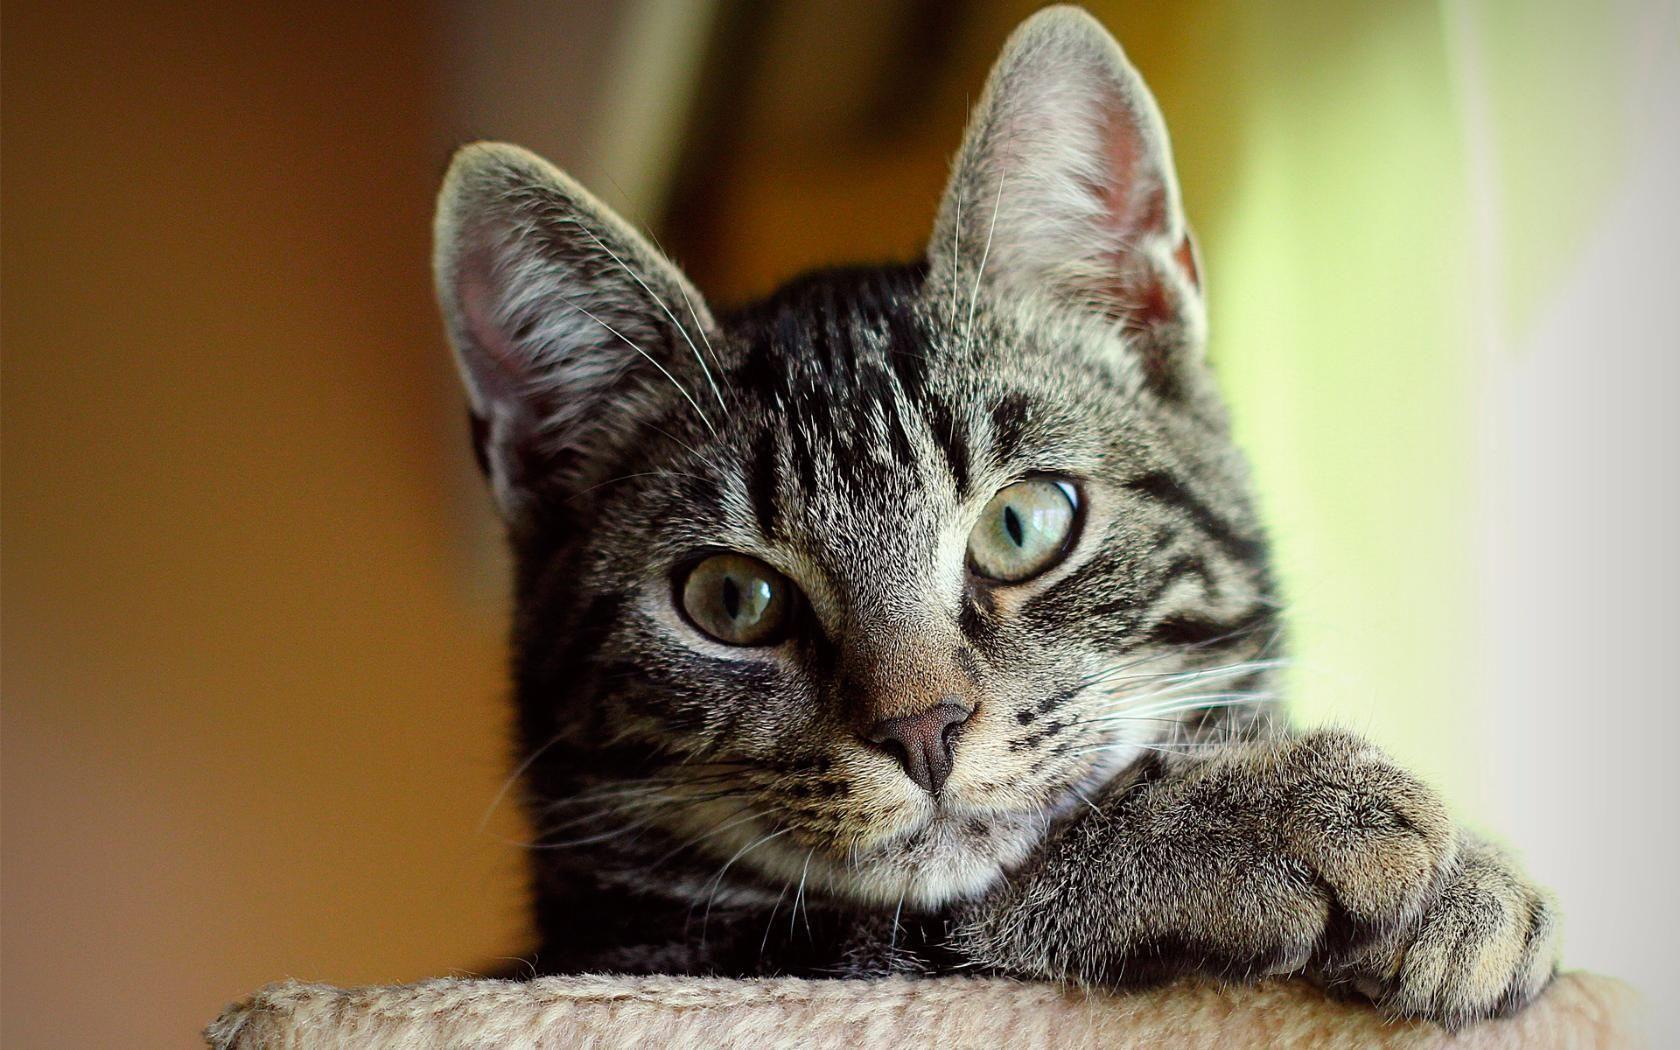 без фото на аву животные красивые кошки питаю слабость